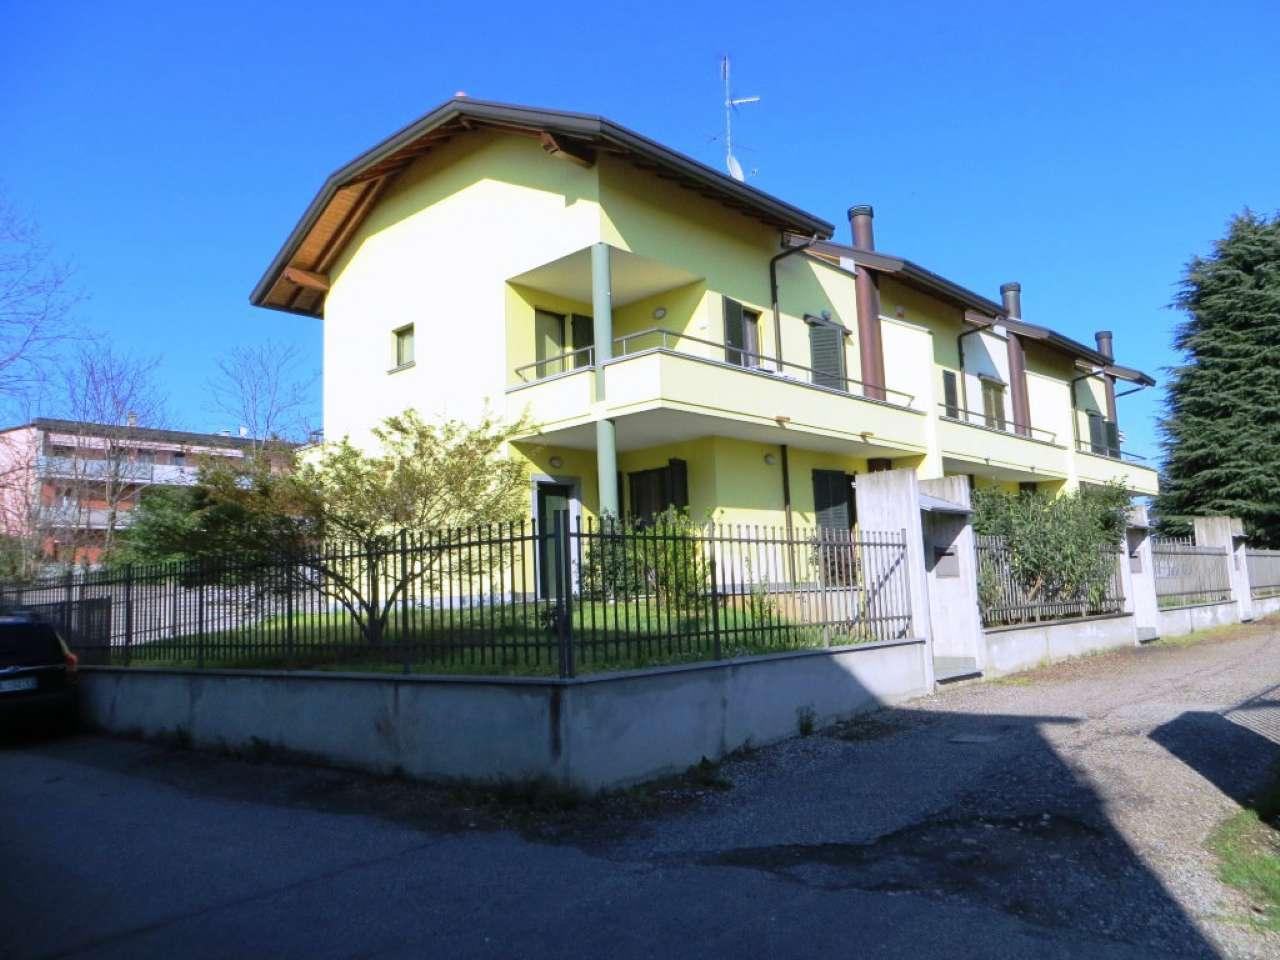 Soluzione Indipendente in vendita a Arluno, 4 locali, prezzo € 320.000 | Cambio Casa.it